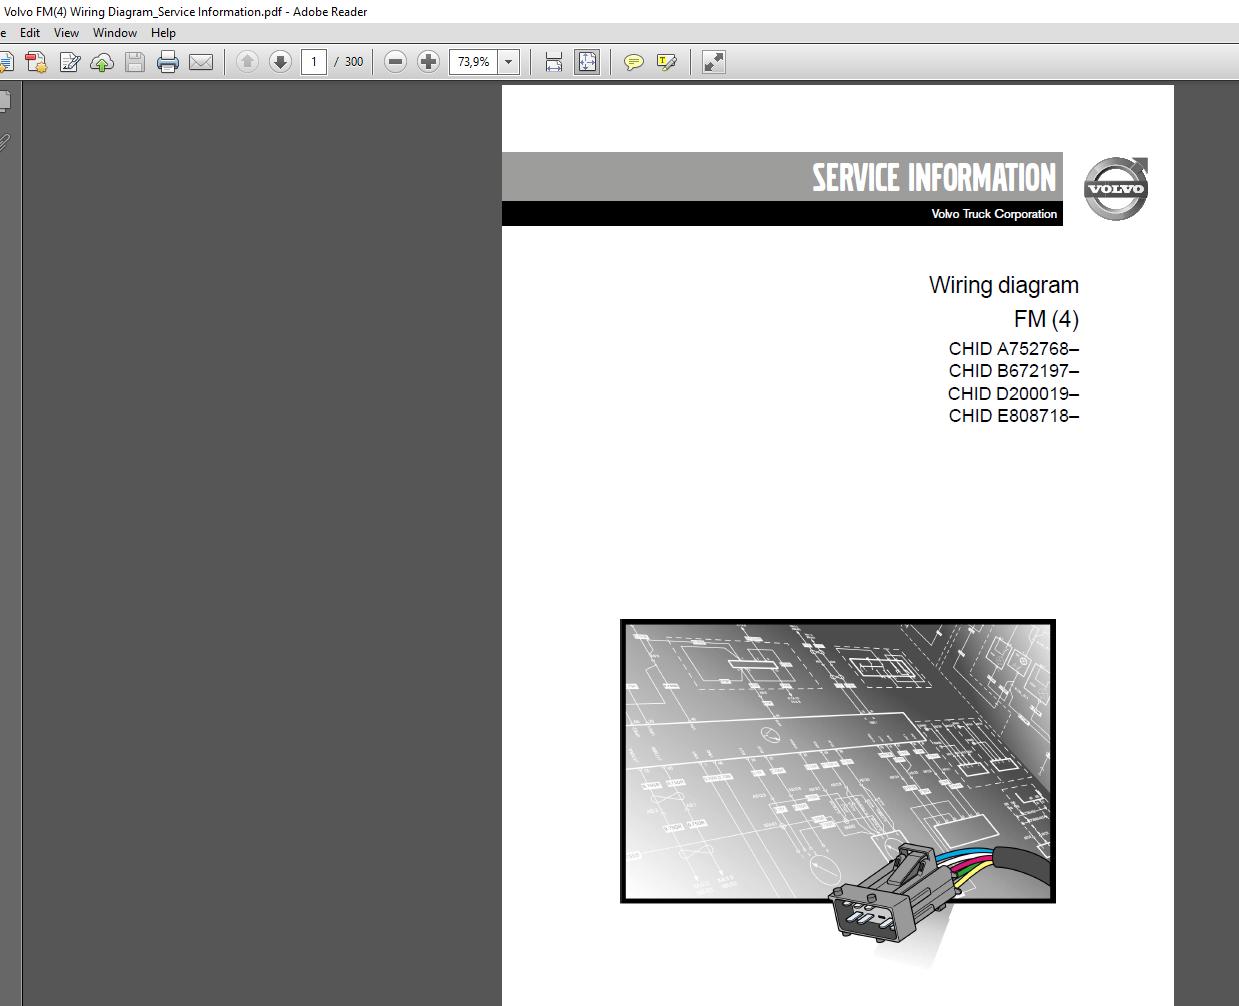 Volvo Fm 4  Wiring Diagram Service Information